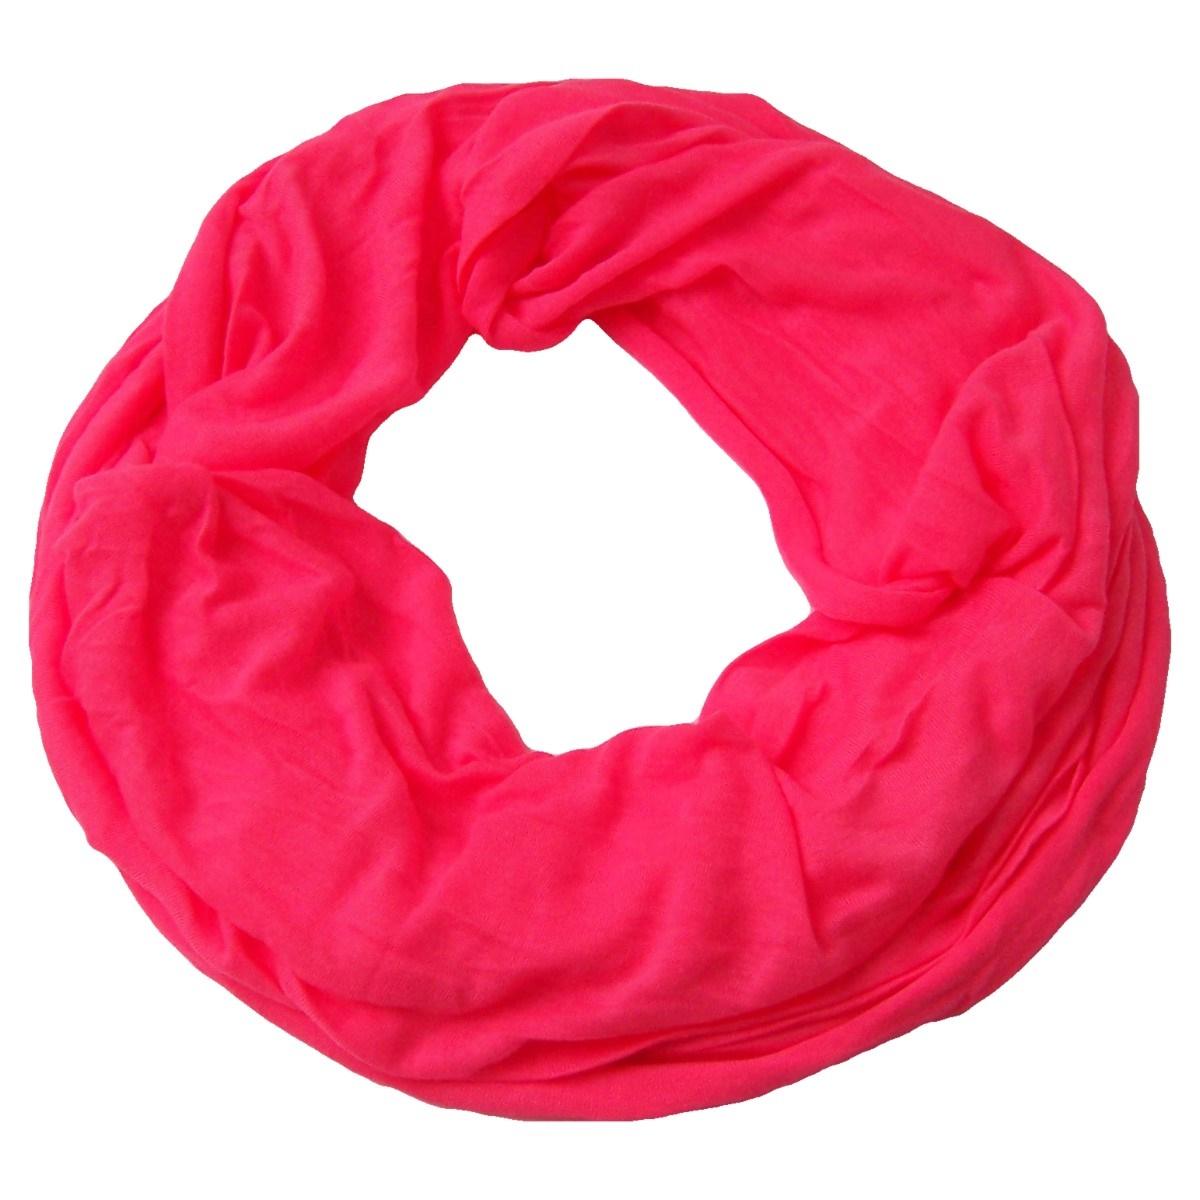 Niklarson Loop Schal Tuch neon-pink Rundschal 160x45cm unisex Schlauch T5095